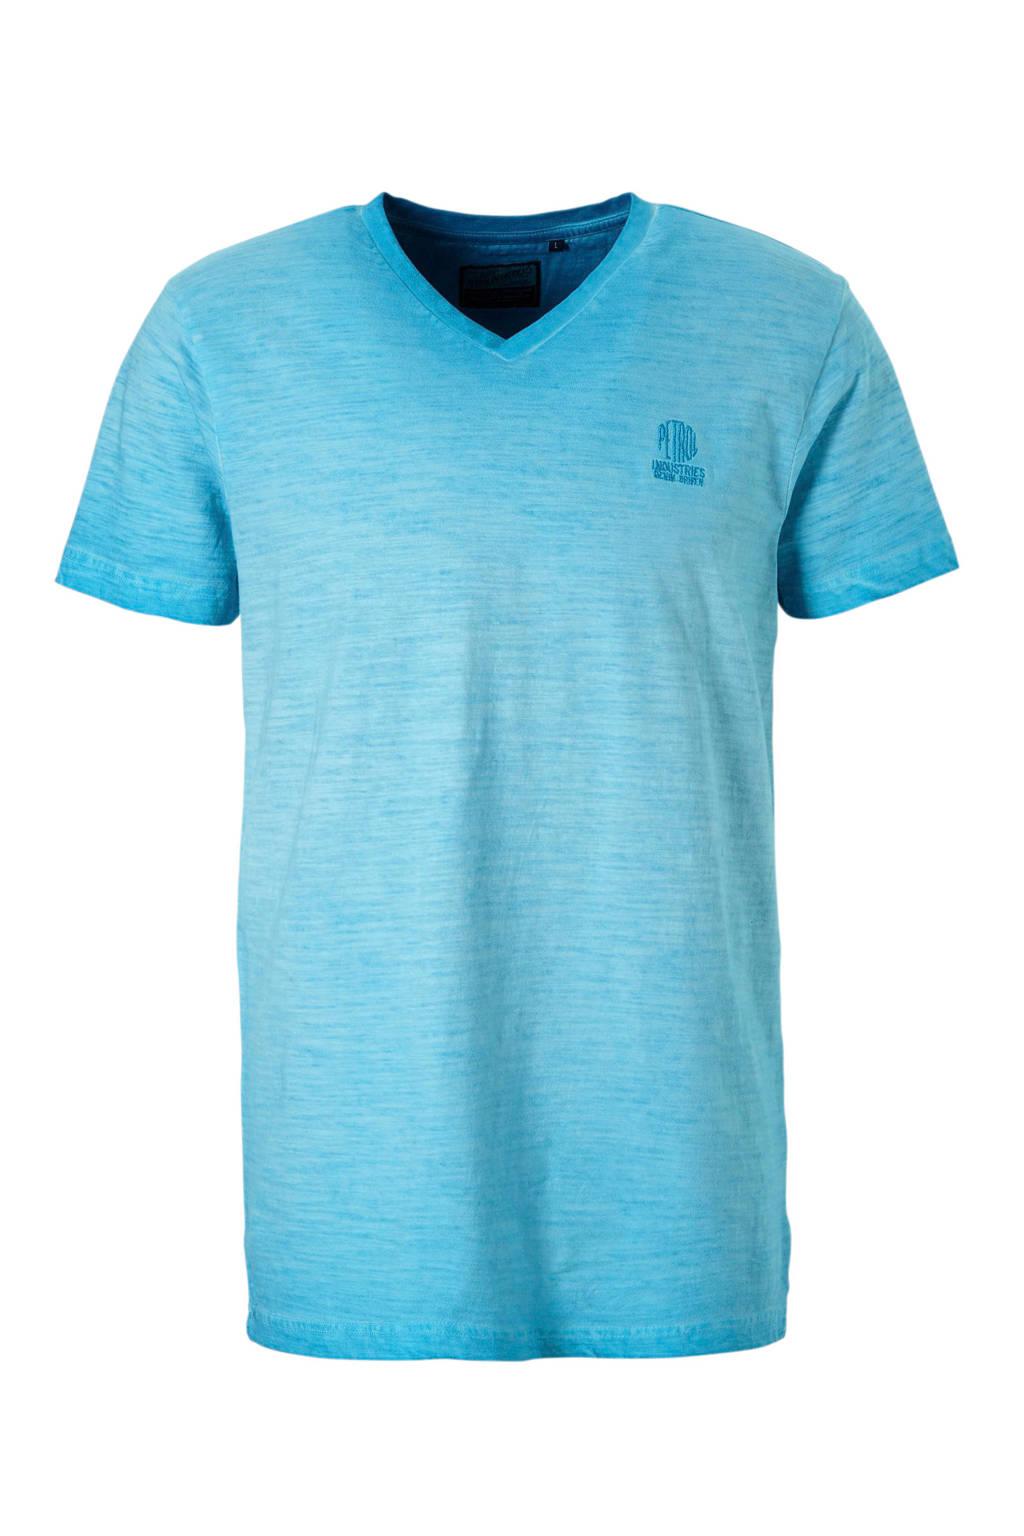 Petrol Industries T-shirt, Blauw